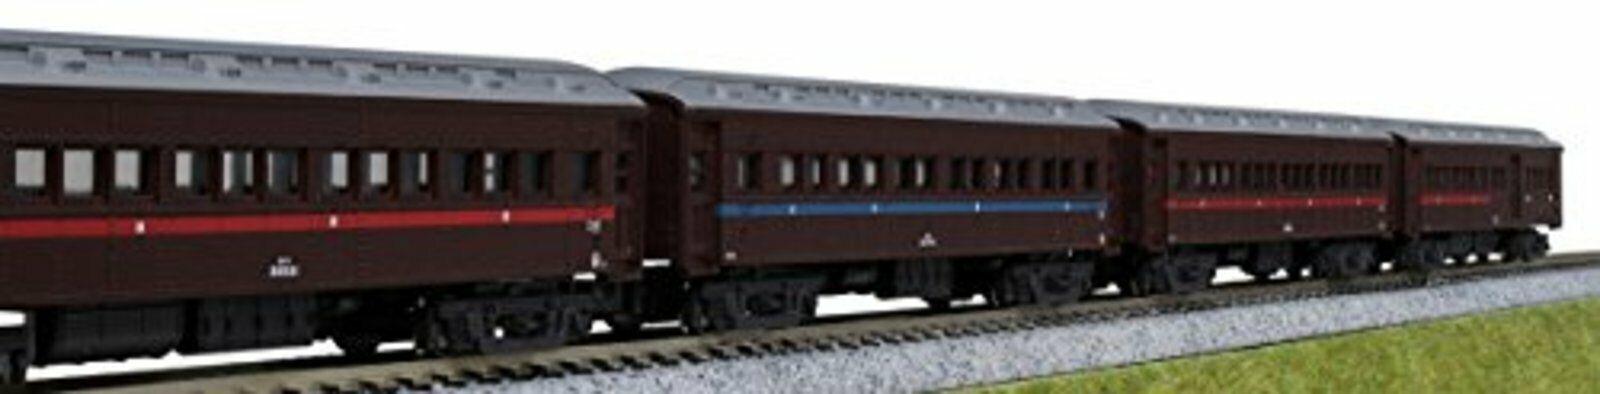 Kato N Scala Oha 32000 4-car Set Speciale Articolo 10-1344 Treno Modello Auto